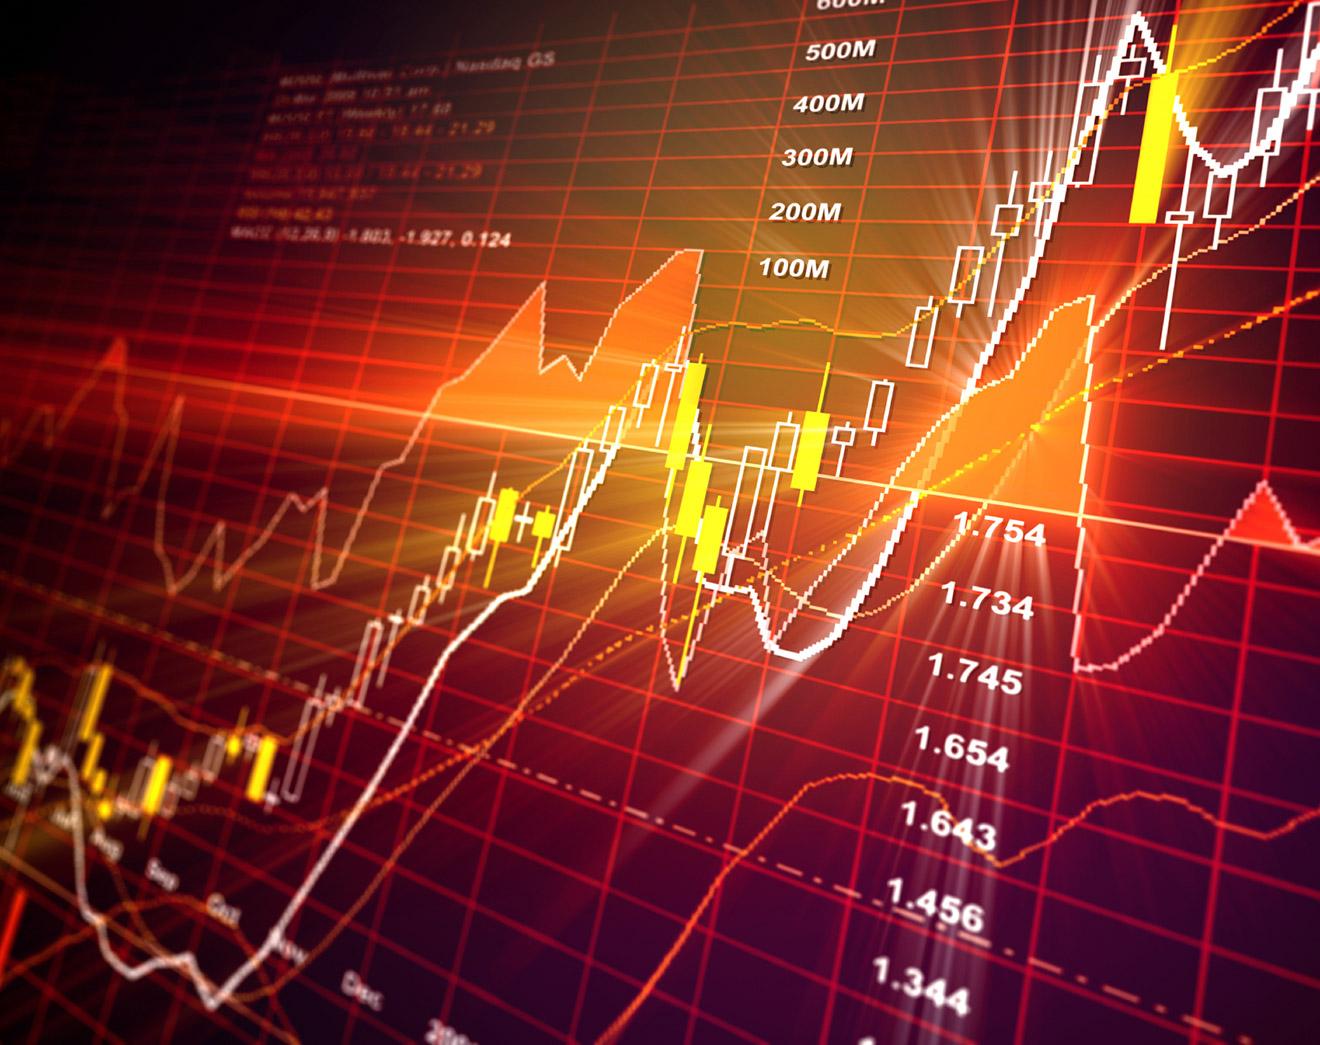 график работы биржи форекс в новогодние праздники